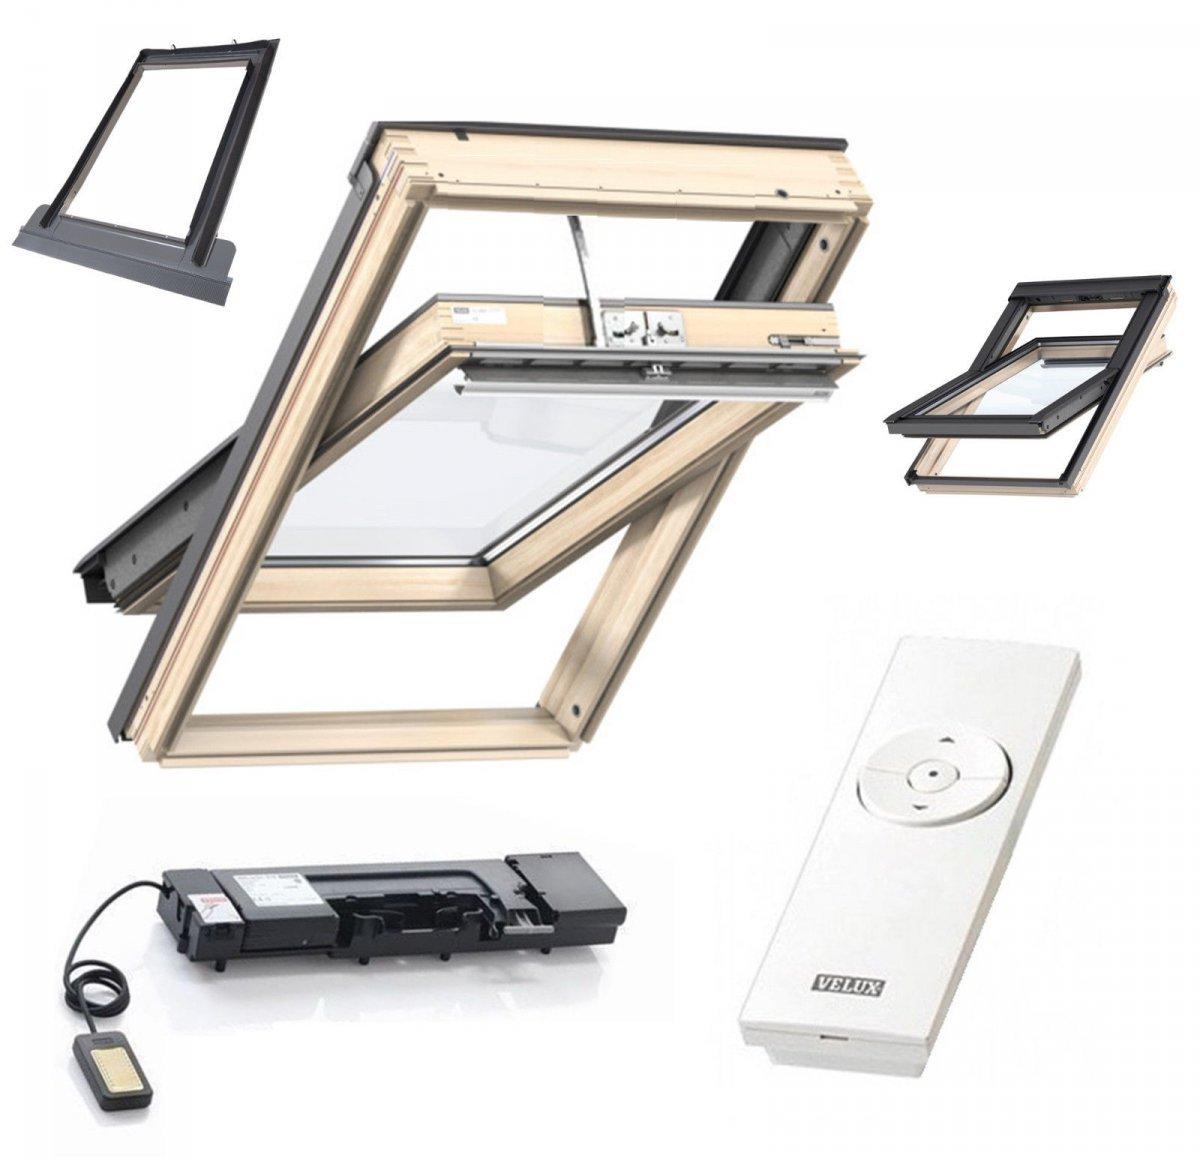 automatishe dachfenster set velux gzl 1051 2 fach verglasung holz fenster eindeckrahmen edz 0000. Black Bedroom Furniture Sets. Home Design Ideas